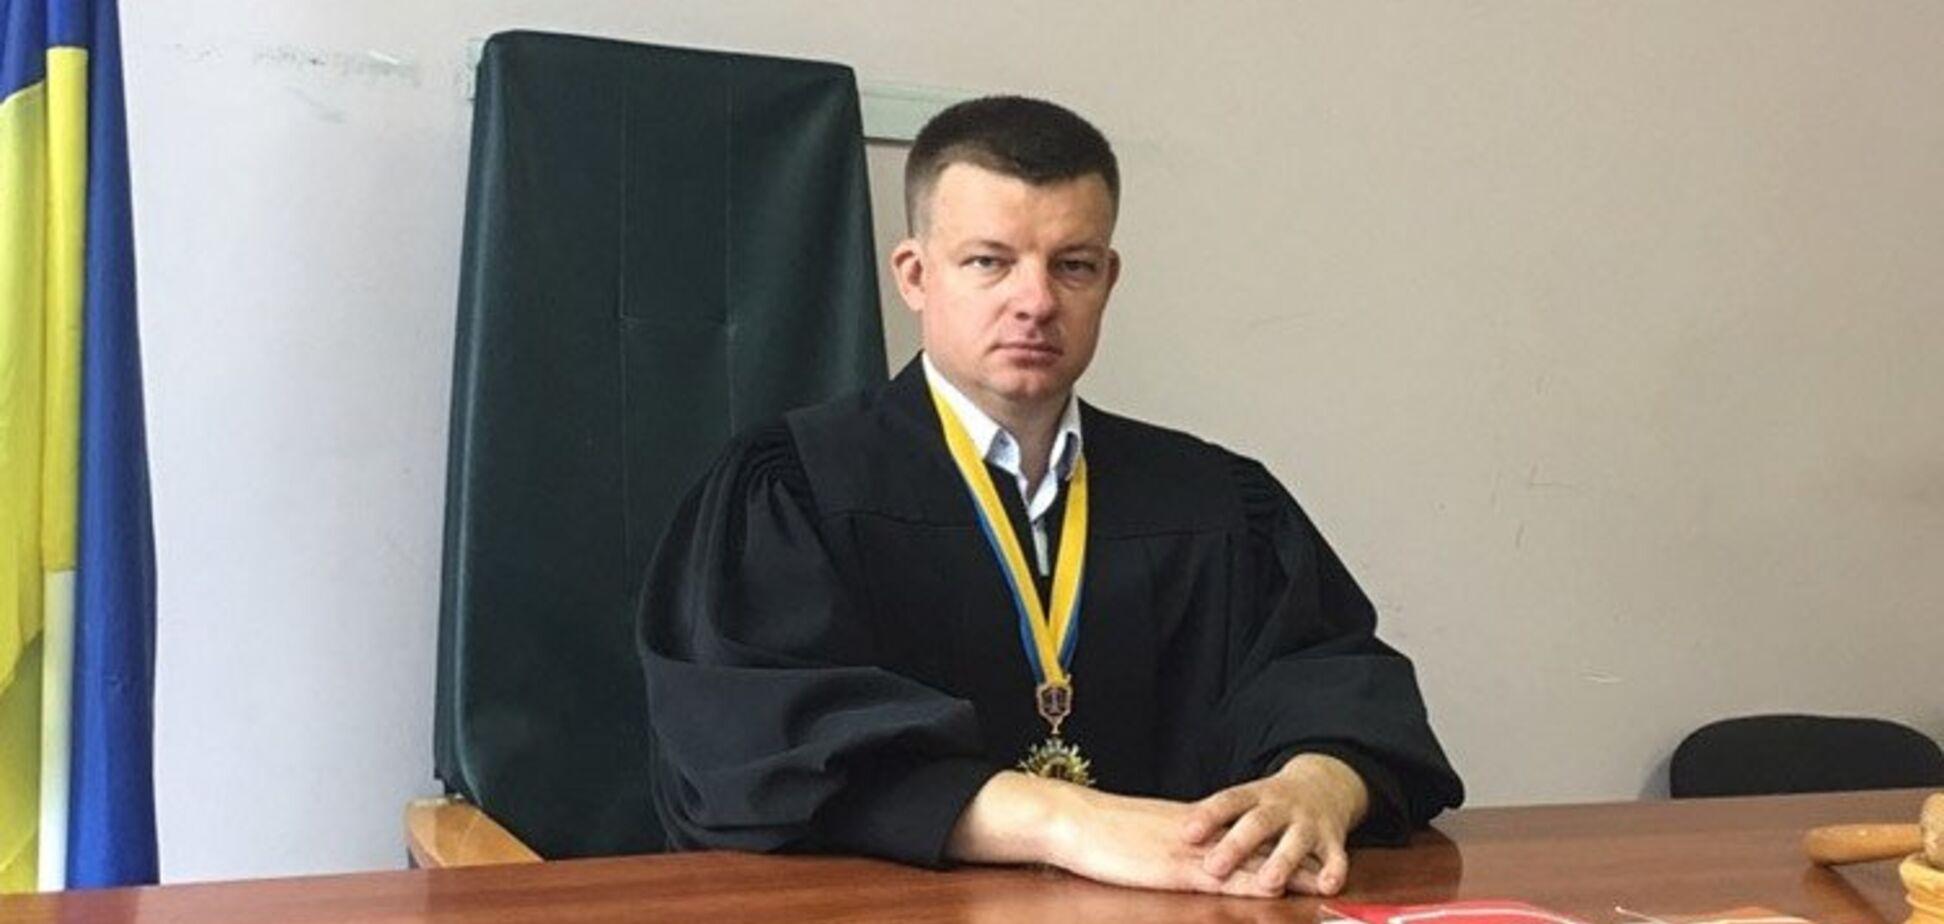 Toyota за 15 тис. грн: українського суддю спіймали на махінаціях у декларації